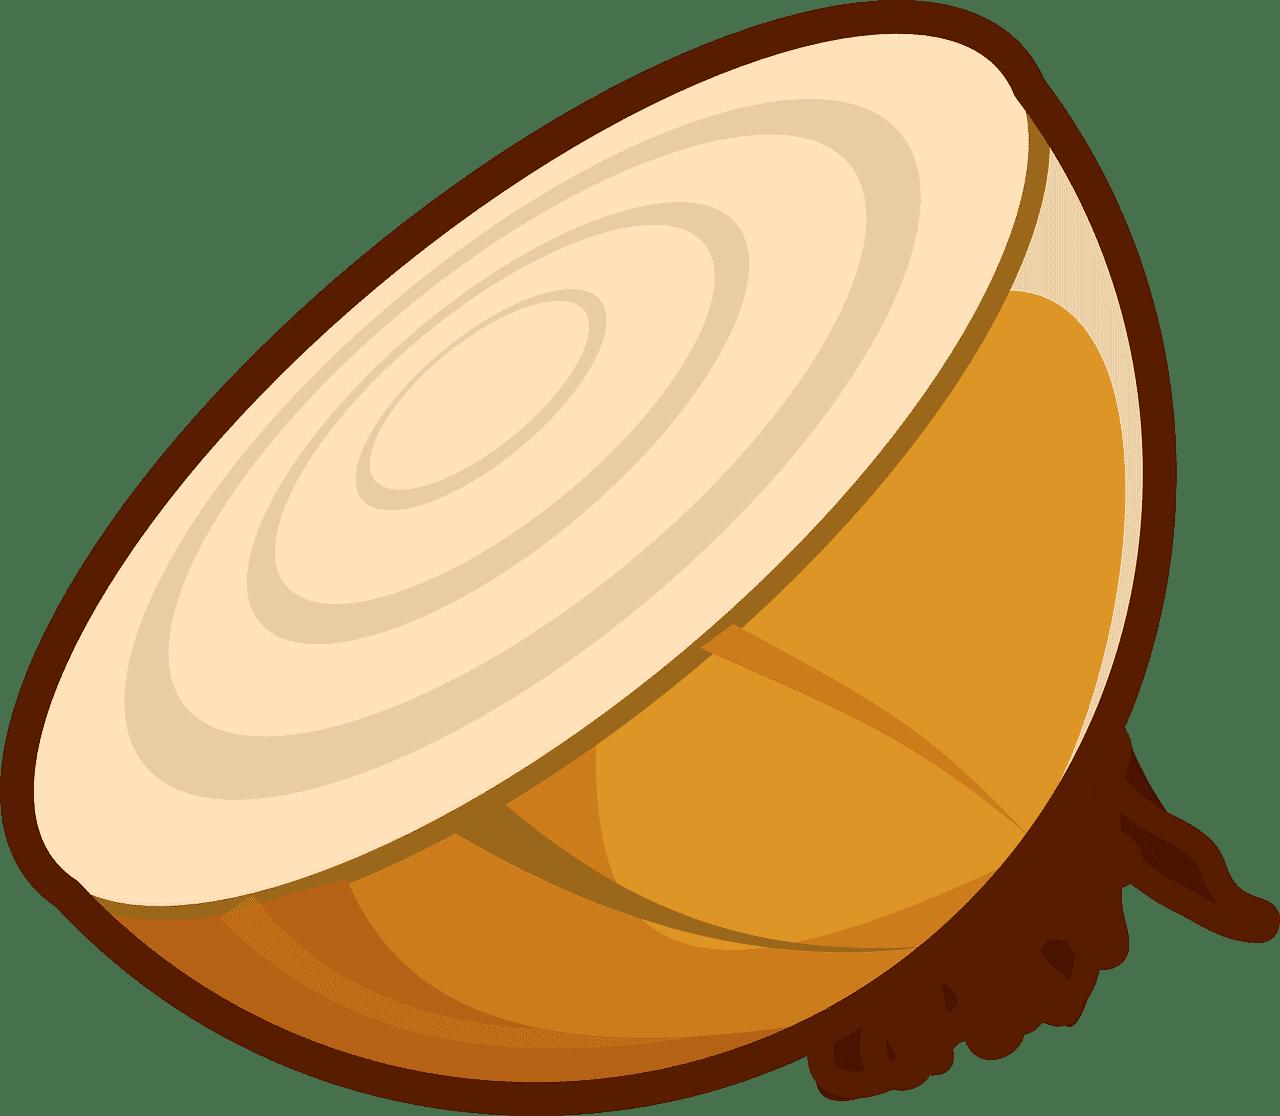 Περιηγηθείτε στο Διαδίκτυο ανώνυμα με το Tor Browser